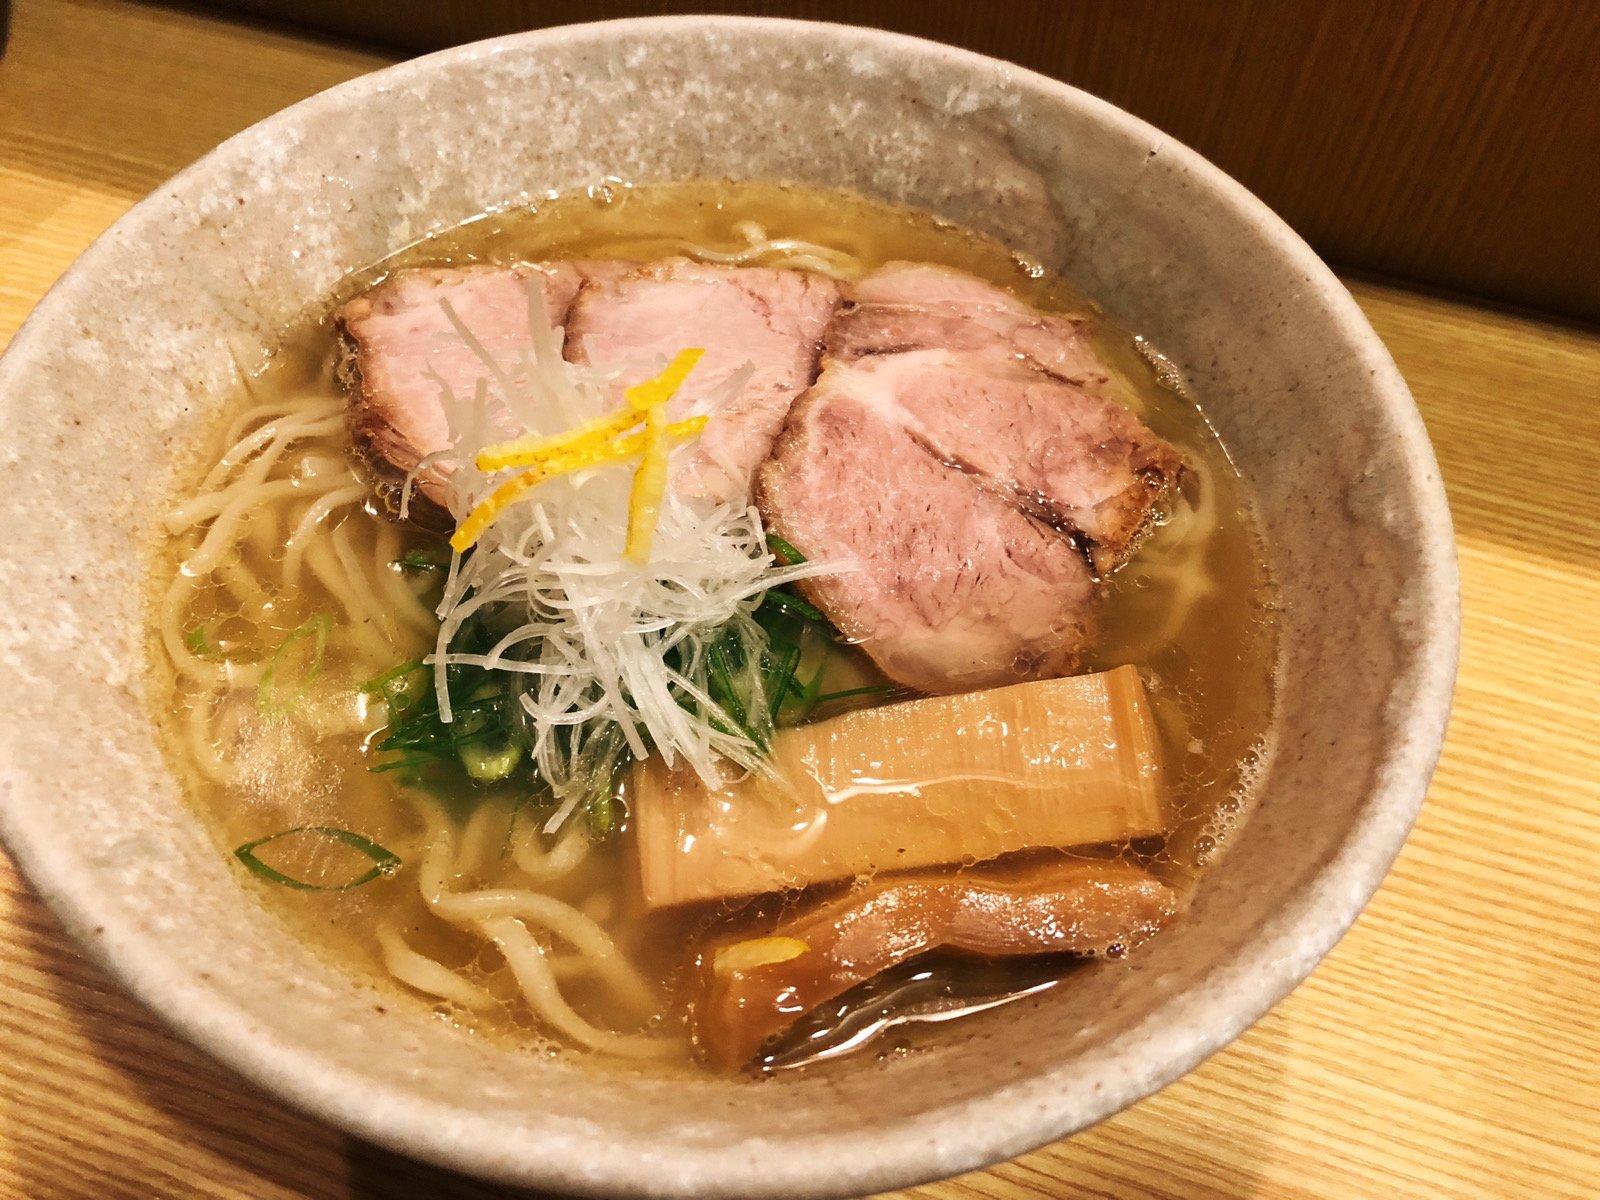 【山崎麺二郎】 @京都:円町駅から徒歩4分 輝くスープが印象的な塩らーめんを食べられるお店。 透き通る様な塩スープは程よいコッテリ感があり、旨味が詰まっています!平打ち太麺を使用しており、ツルツルもちもち食感が最高✨ きざみ柚子と一緒に頂けば塩スープの旨味をより引き立ててくれます🎶